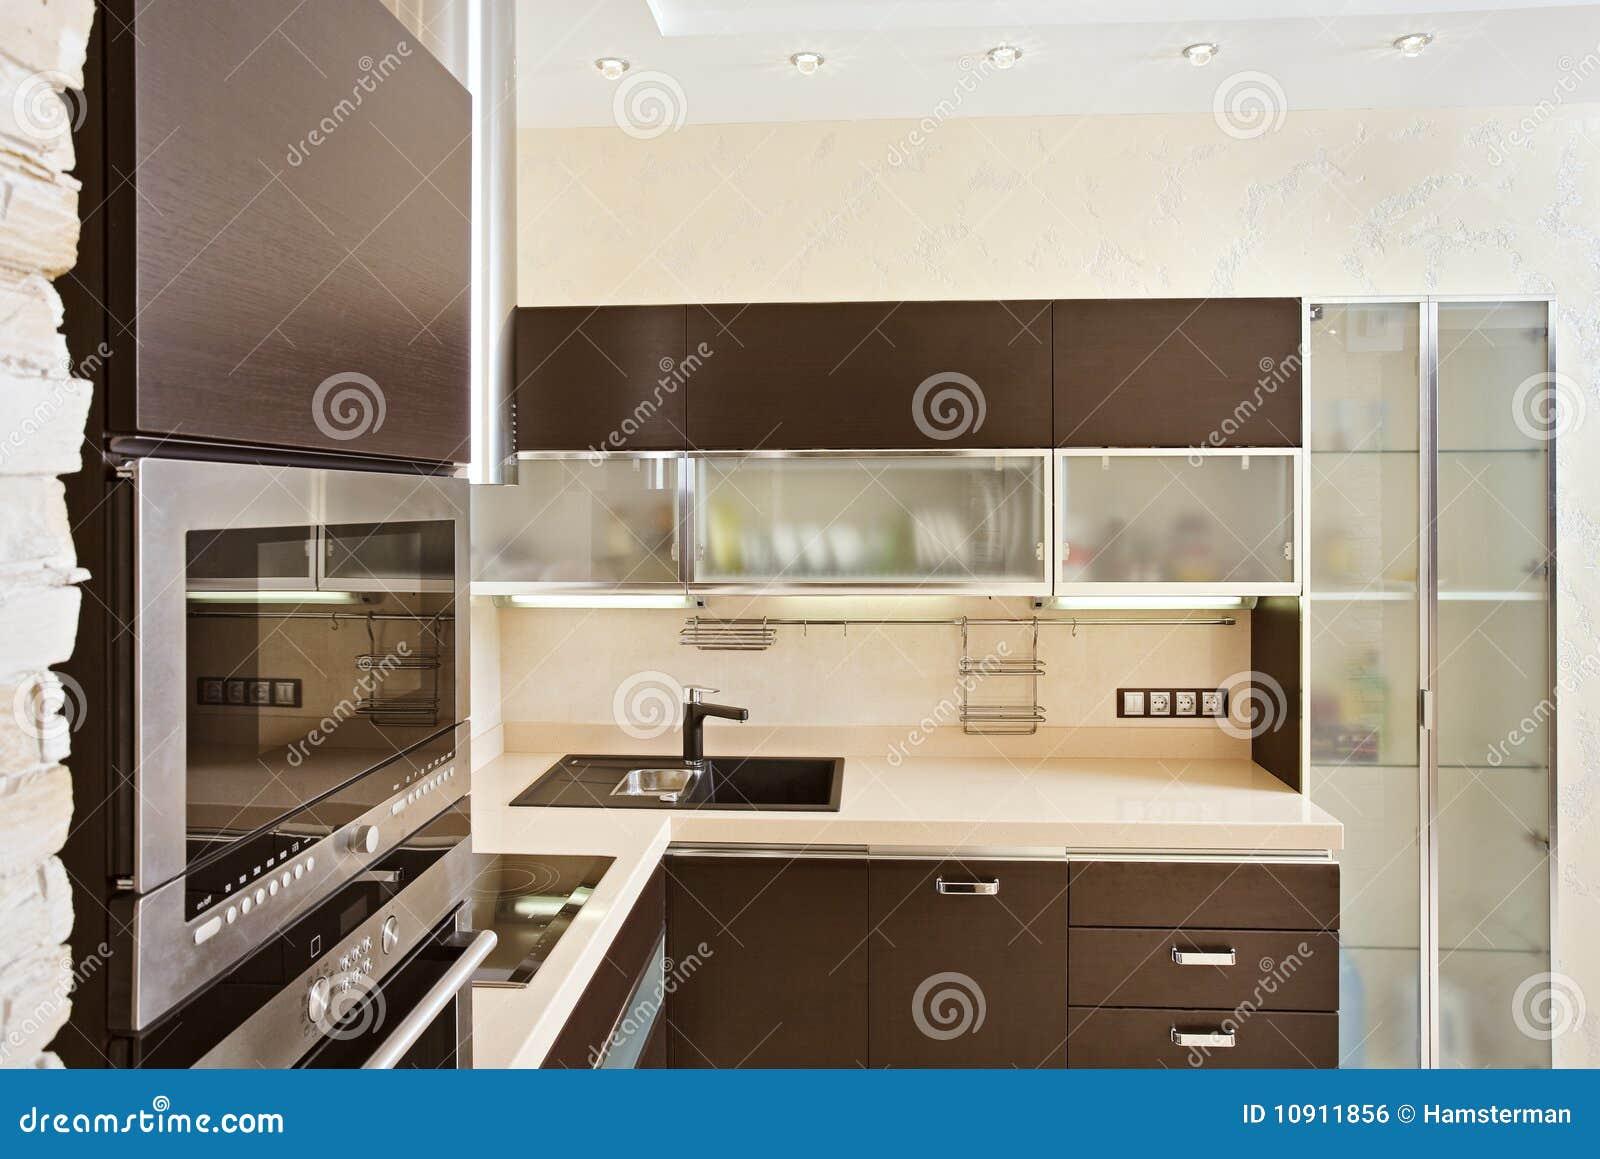 Interior moderno de la cocina con muebles de la madera for Muebles de cocina de madera modernos